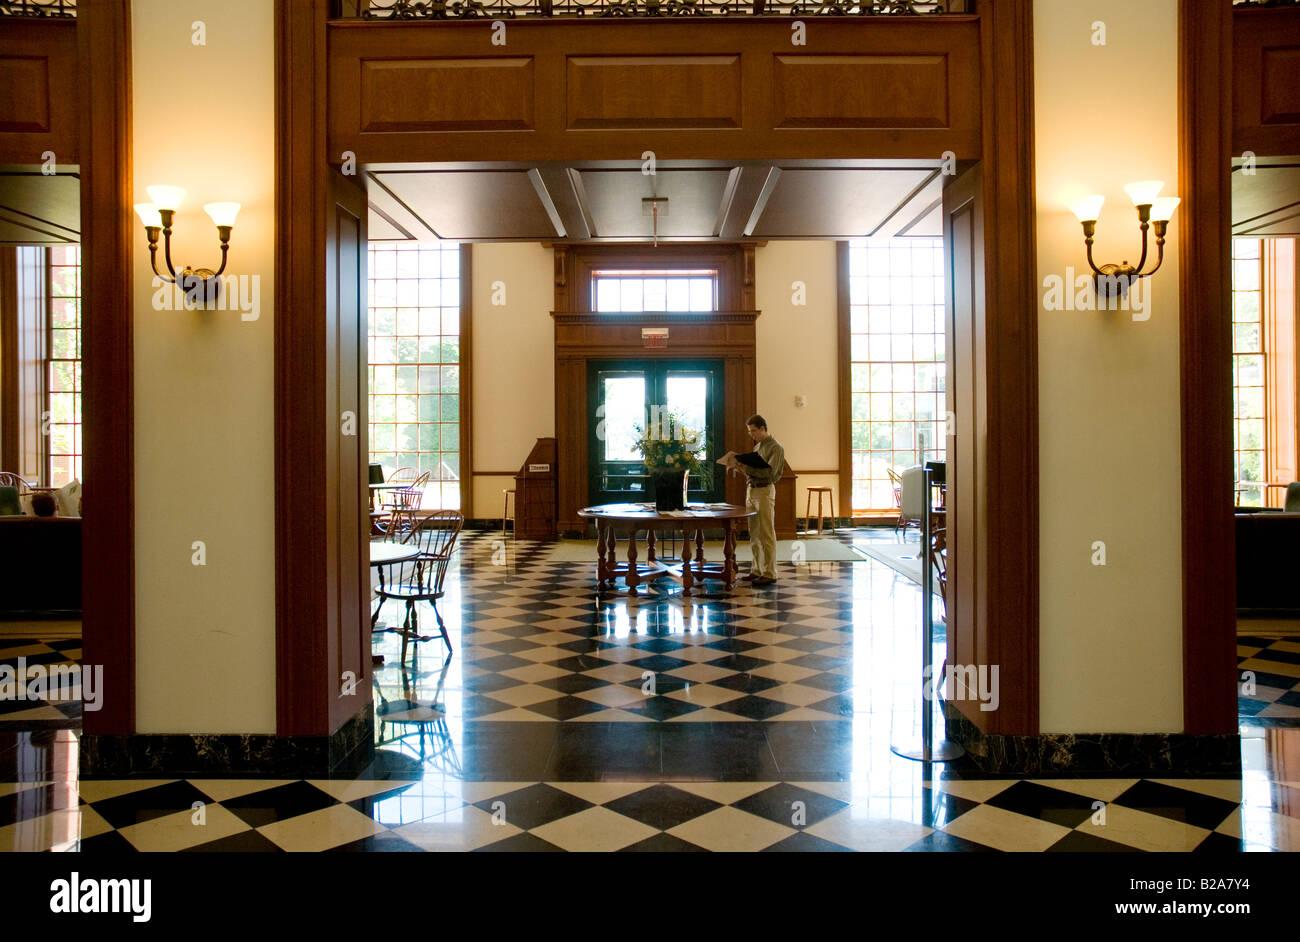 80 Interior Design Certificate Programs Boston Ma